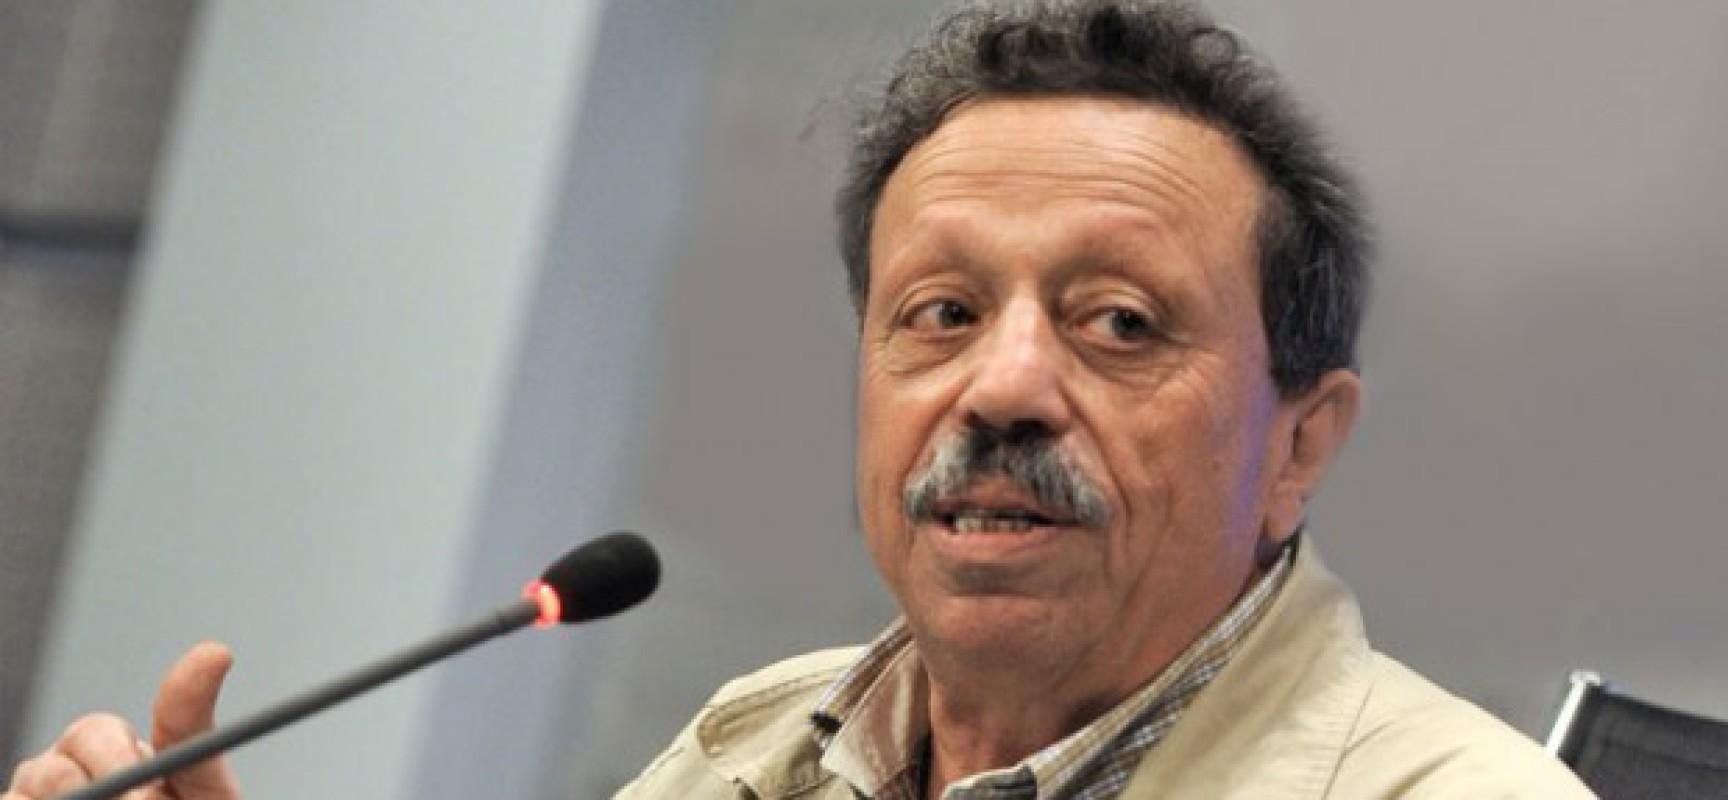 Исраэль Шамир - близкий друг Ассанжа Фото: reseauinternational.ne